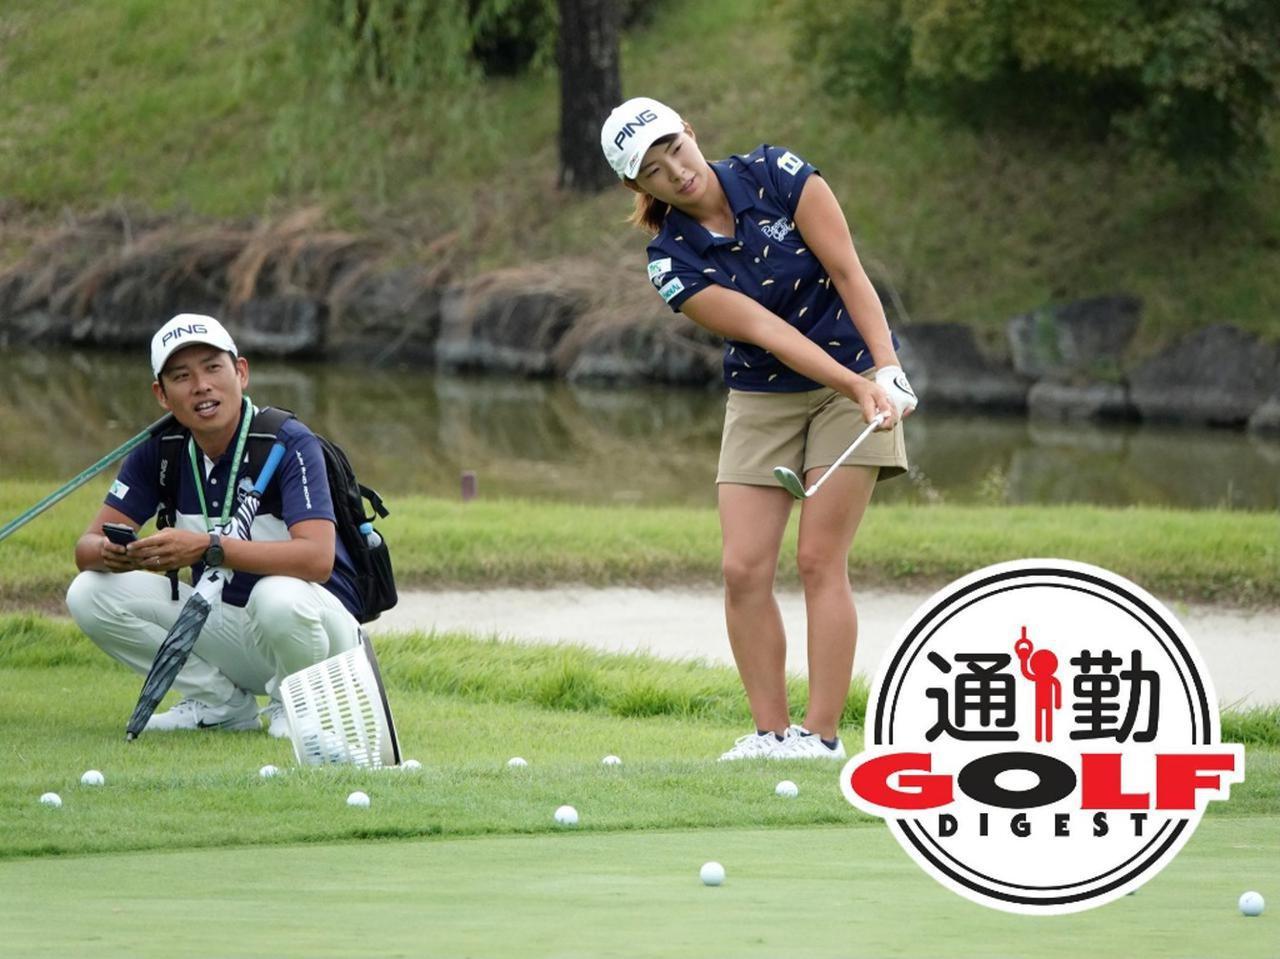 画像: 【通勤GD】メジャーチャンプコーチ青木翔の「笑顔のレシピ」Vol.5 基礎練習にゴールはない。やめたらすぐに崩れてしまう ゴルフダイジェストWEB - ゴルフへ行こうWEB by ゴルフダイジェスト